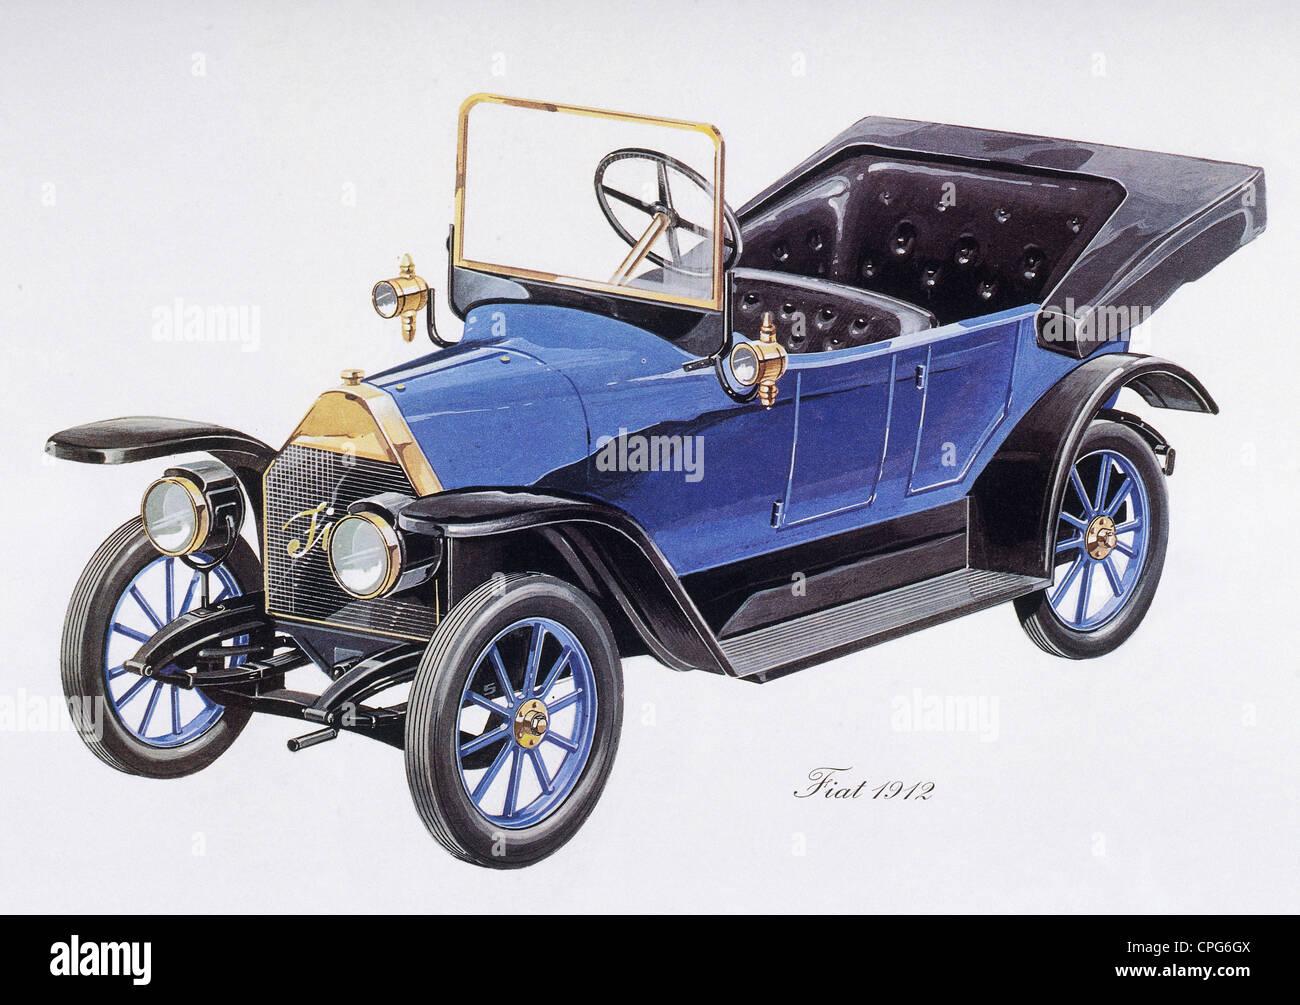 Verkehr / Transport, Auto, Fahrzeugvarianten, Fiat 1912, Design von ...